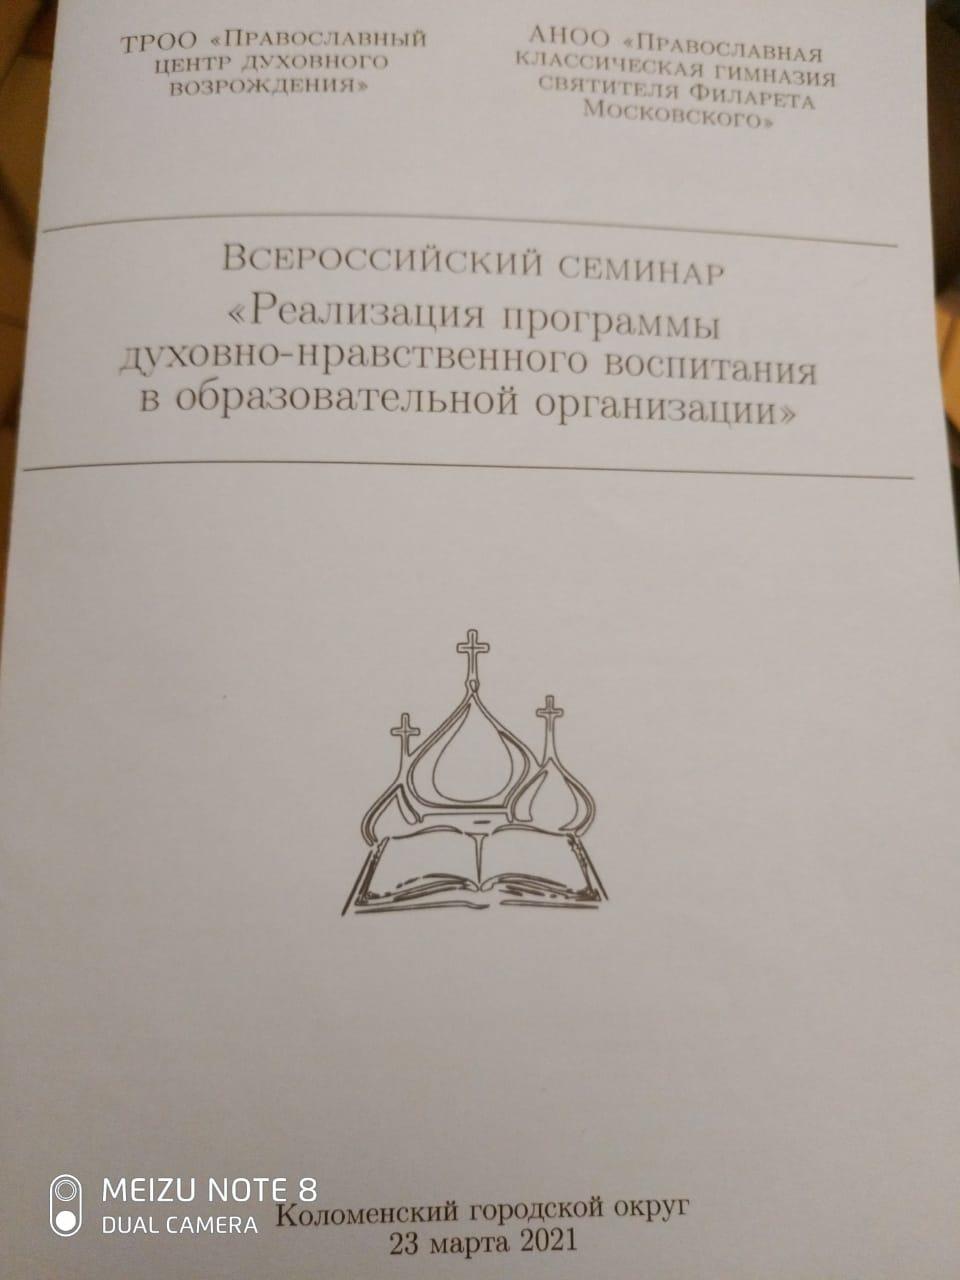 vserossijskij-seminar-po-probleme-realizatsiya-programmy-dukhovno-nravstvennogo-vospitaniya-v-obrazovatelnoj-organizatsii